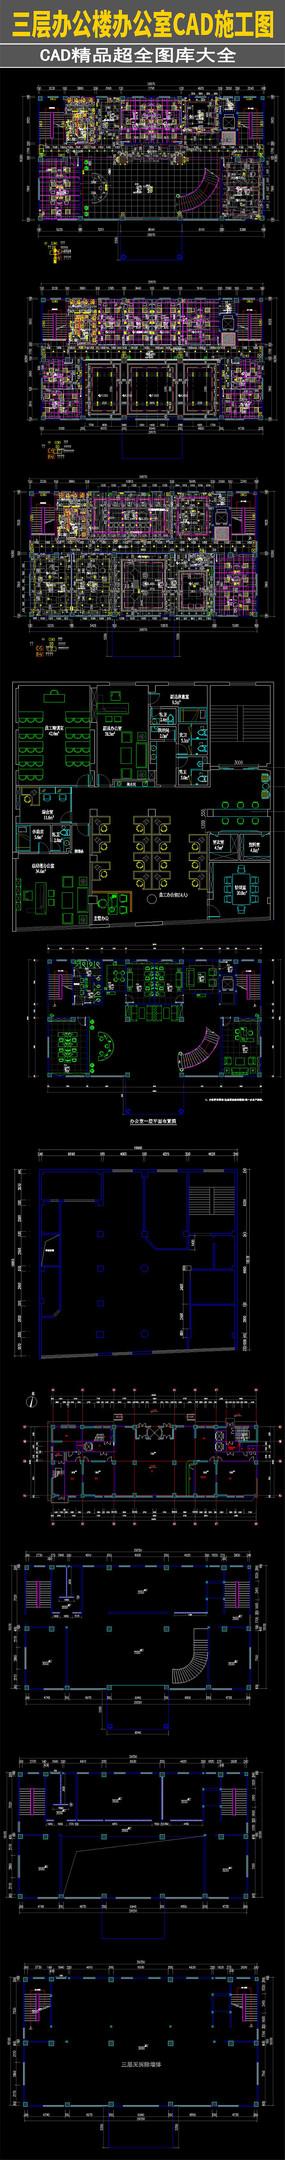 3层办公室CAD平面施工图